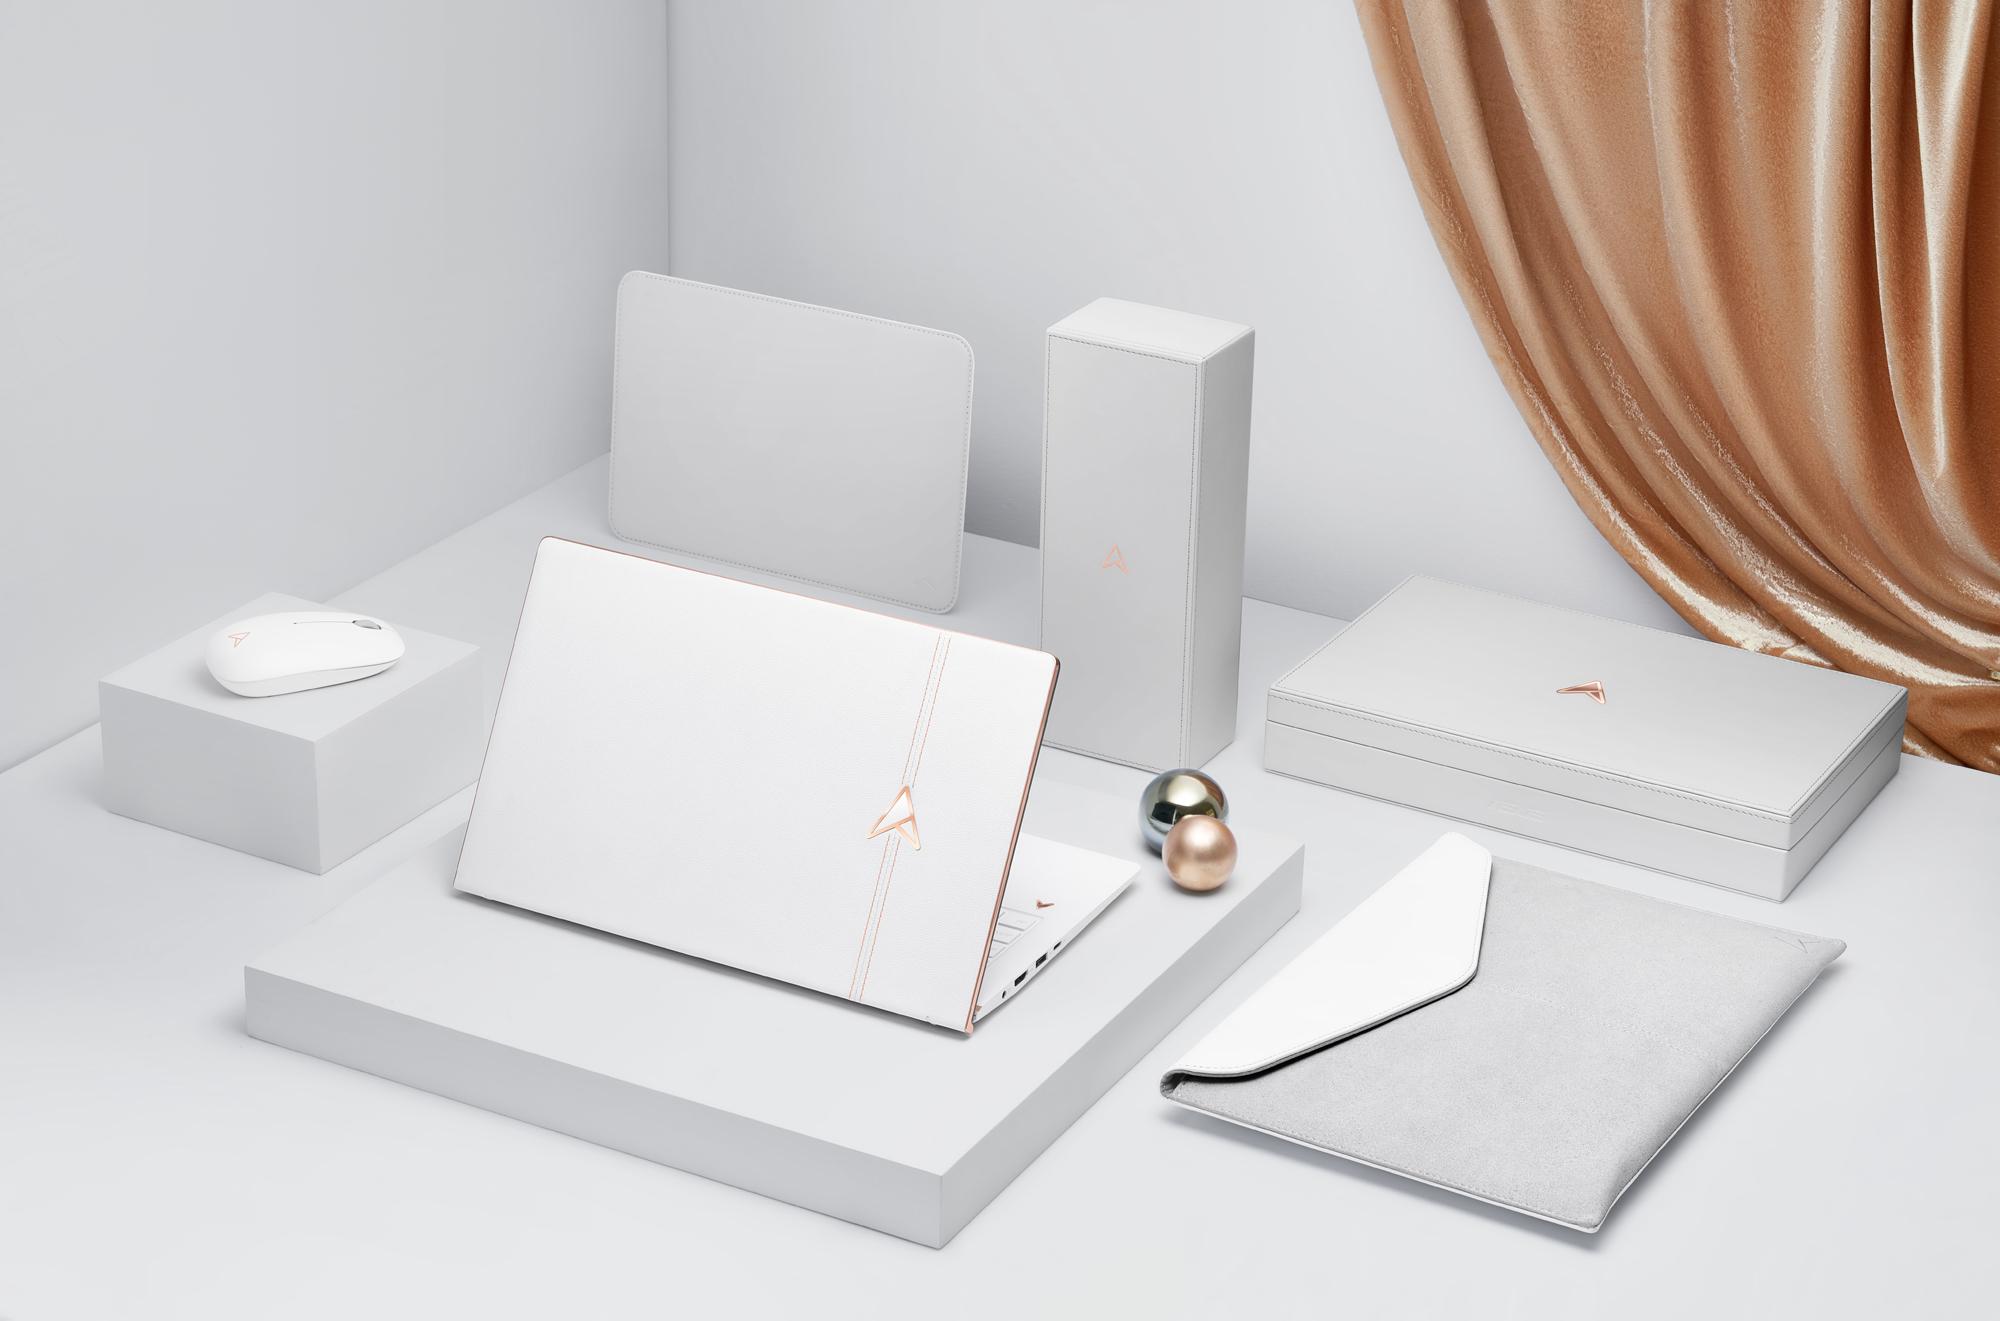 ASUS ZenBook Edition 30 配備全套精品級配件,包含珍珠白滑鼠、皮革滑鼠墊與收納盒,以及真皮保護套,呈現獨一無二之美。